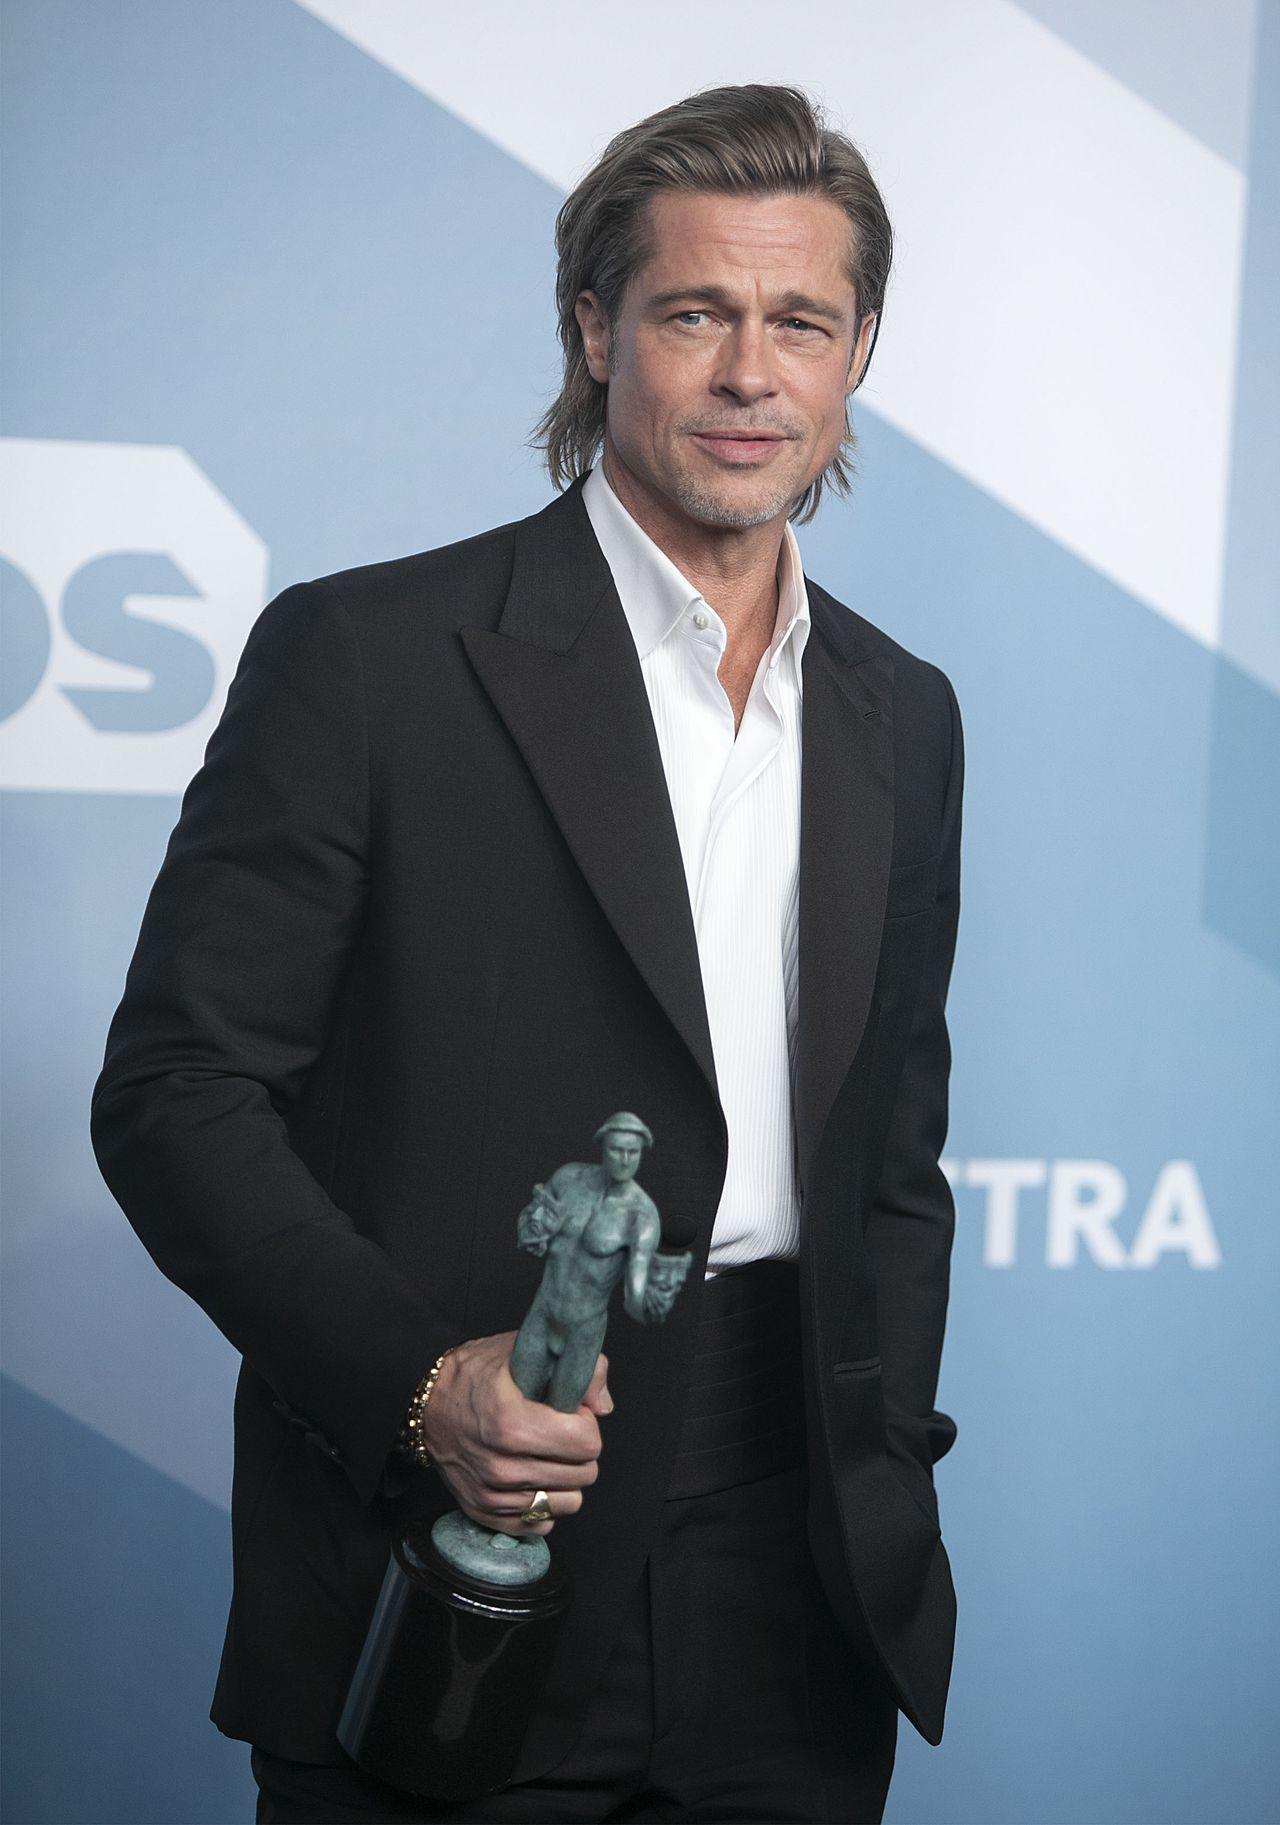 Brad Pitt ze statuetką